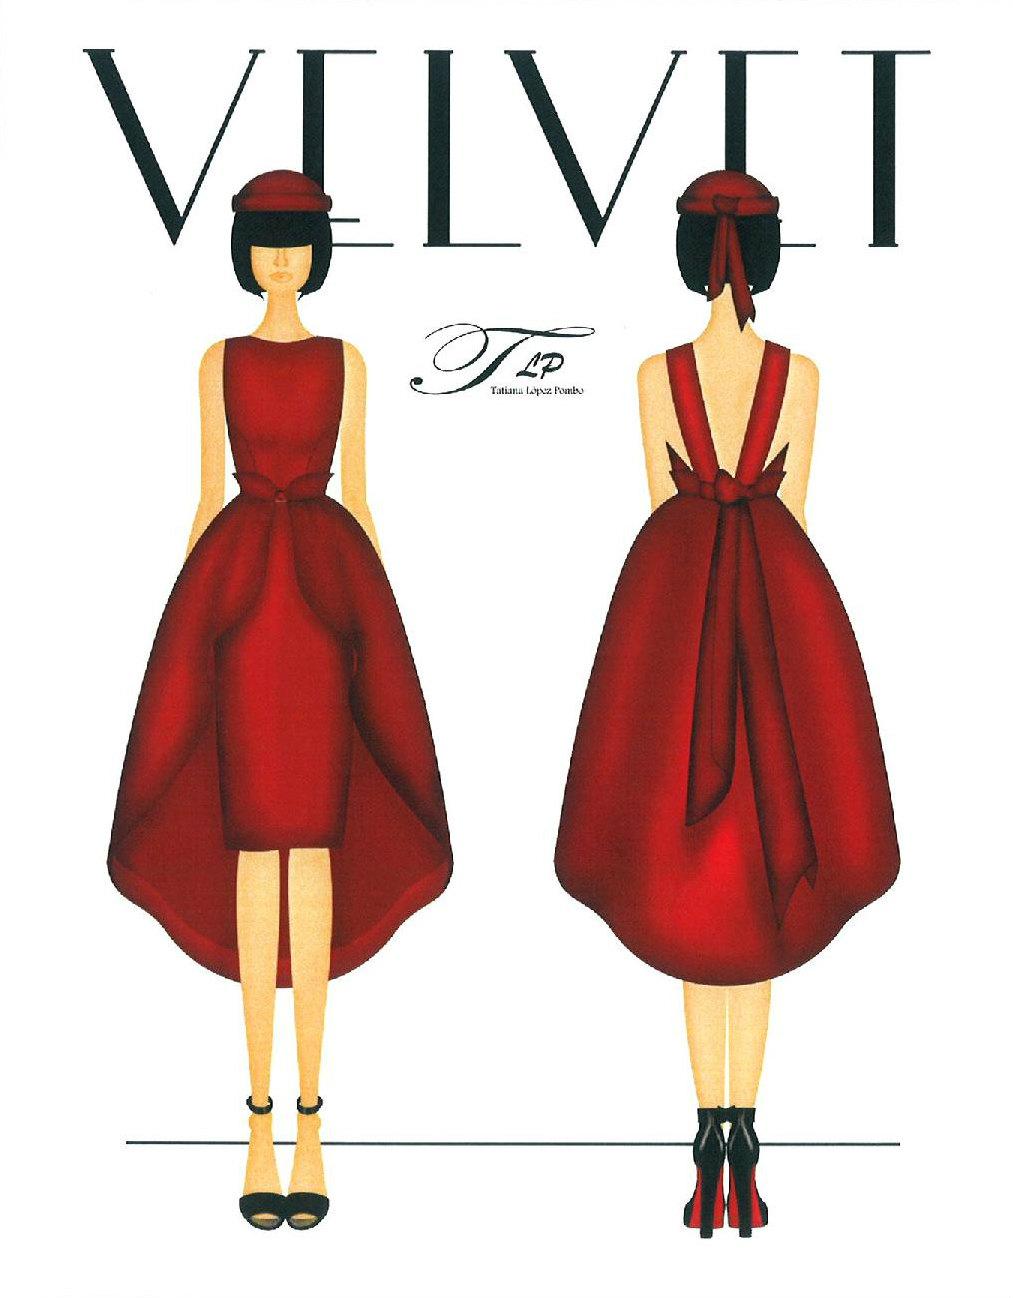 vestidos_velvet_serie_antena_3-gratacos